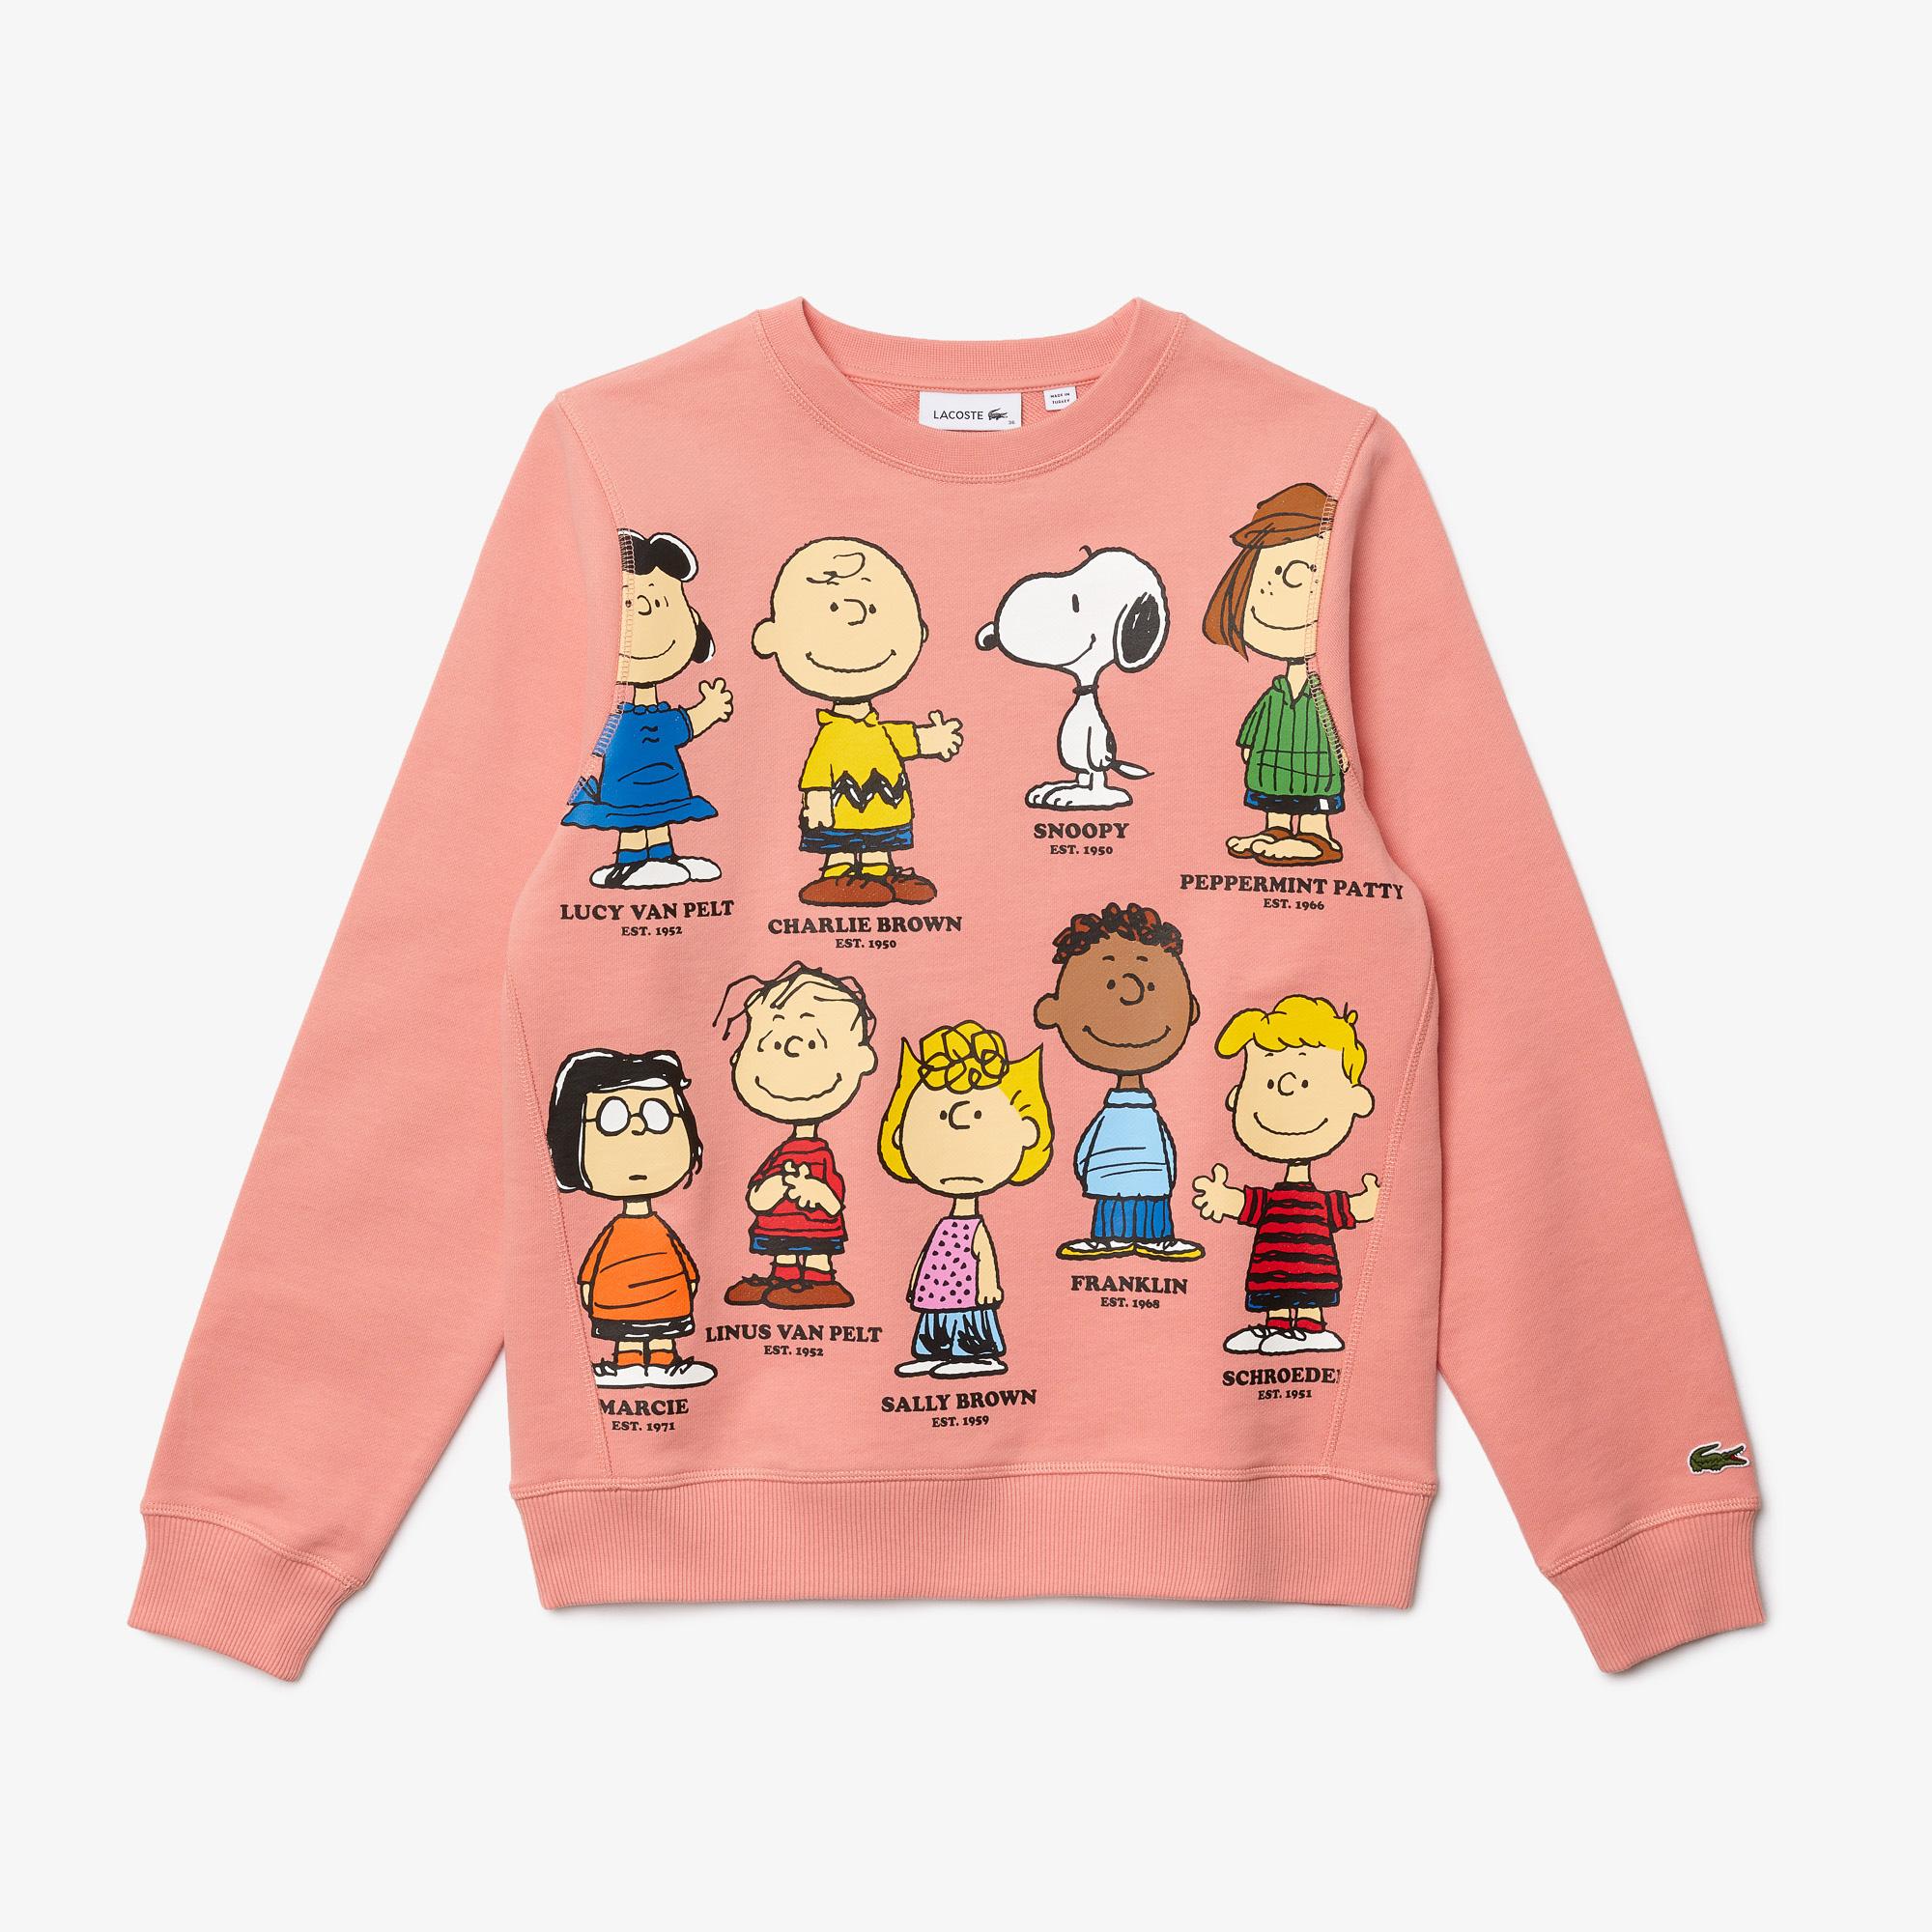 Lacoste x Peanuts Damska bluza z organicznej bawełniany z okrągłym dekoltem,